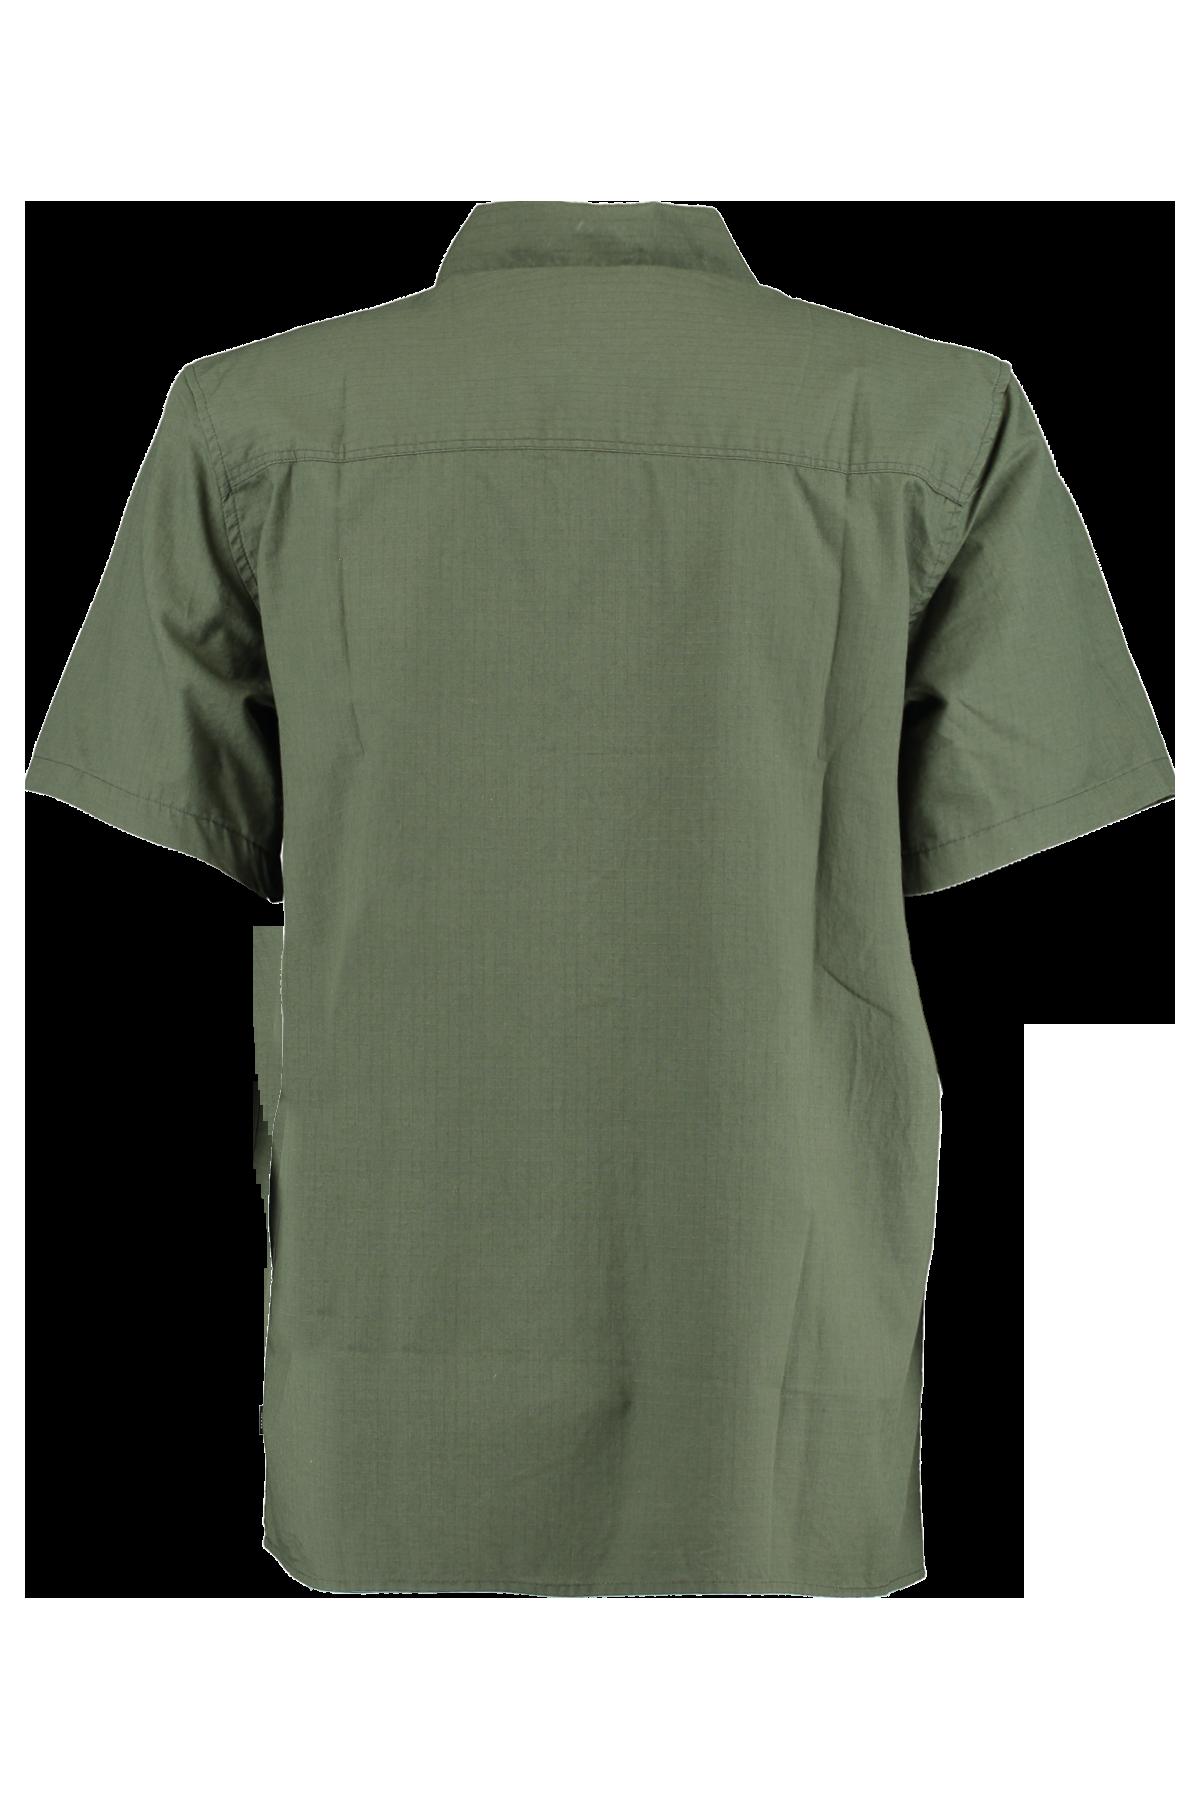 Shirt Ian